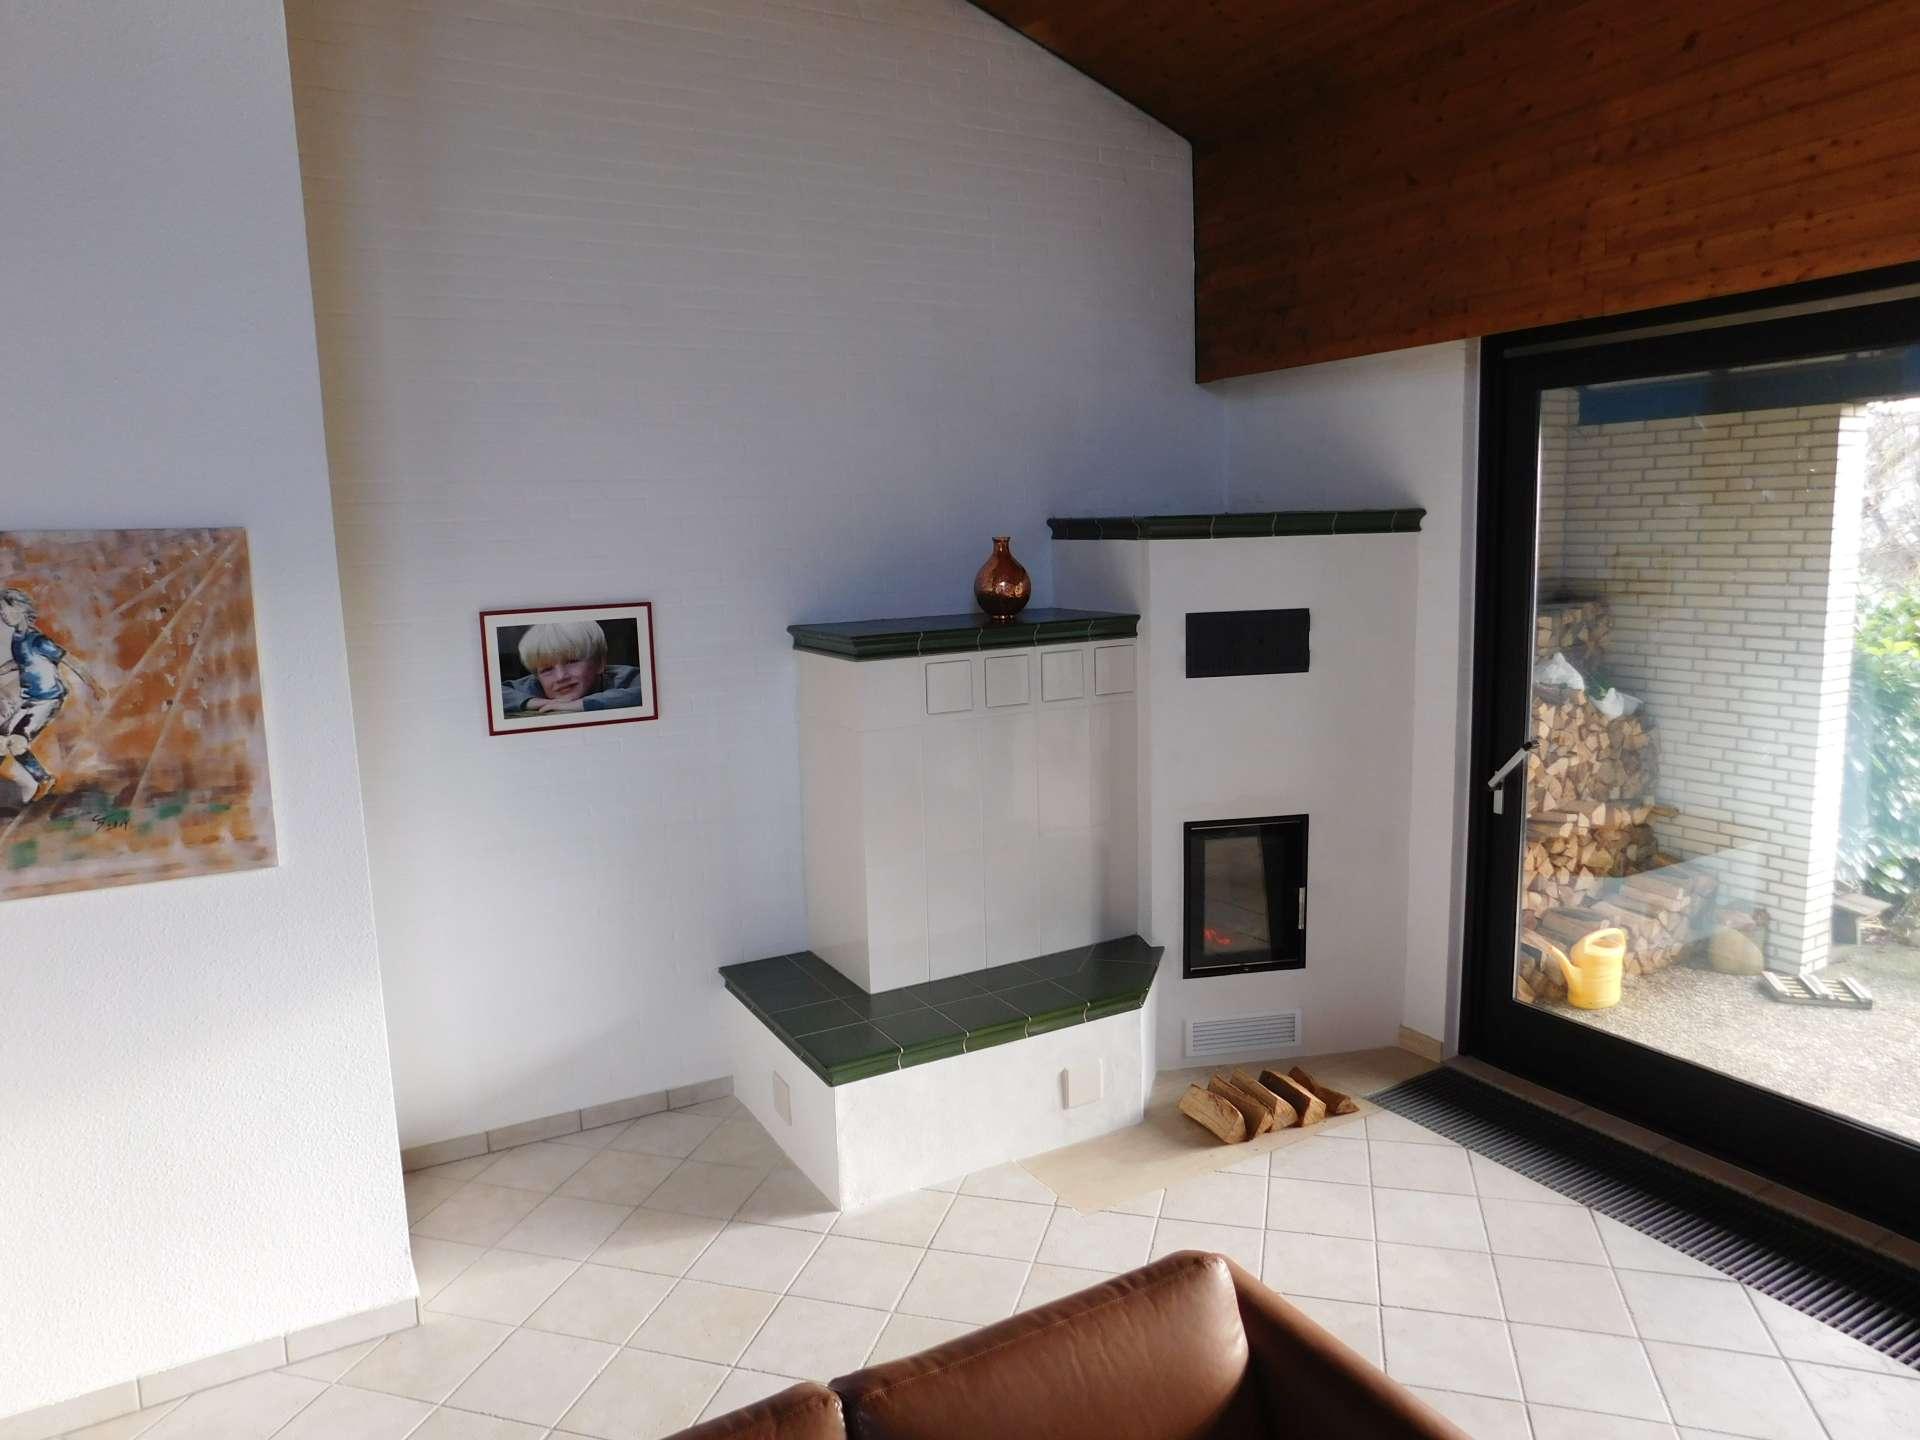 referenzen akm gmbh fen und emotion. Black Bedroom Furniture Sets. Home Design Ideas